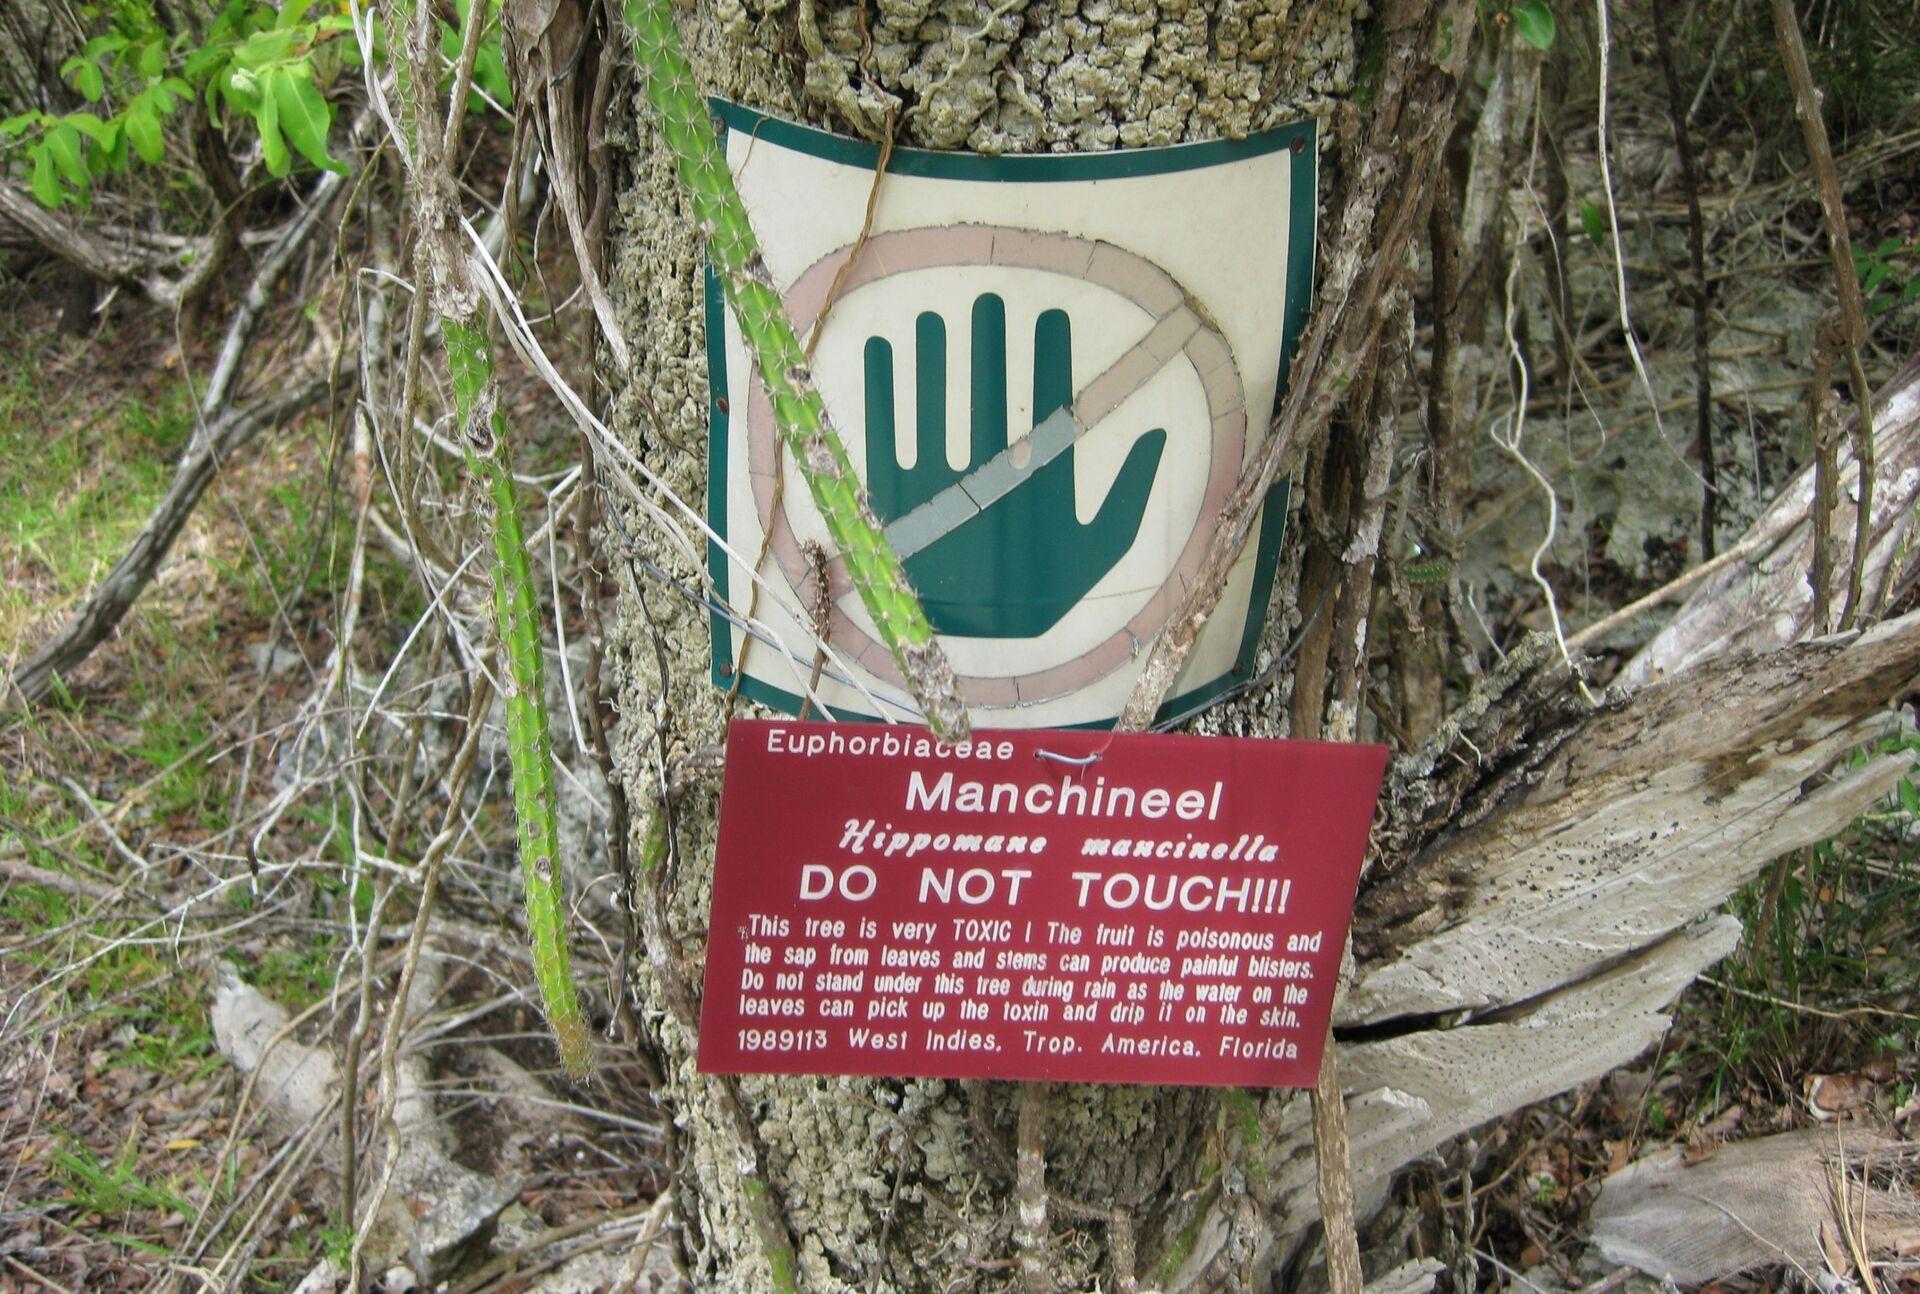 ყველაზე საშიში ხე პლანეტაზე: რატომ ვერ ანადგურებენ შხამიან მანცინელას - Sputnik საქართველო, 1920, 01.02.2021